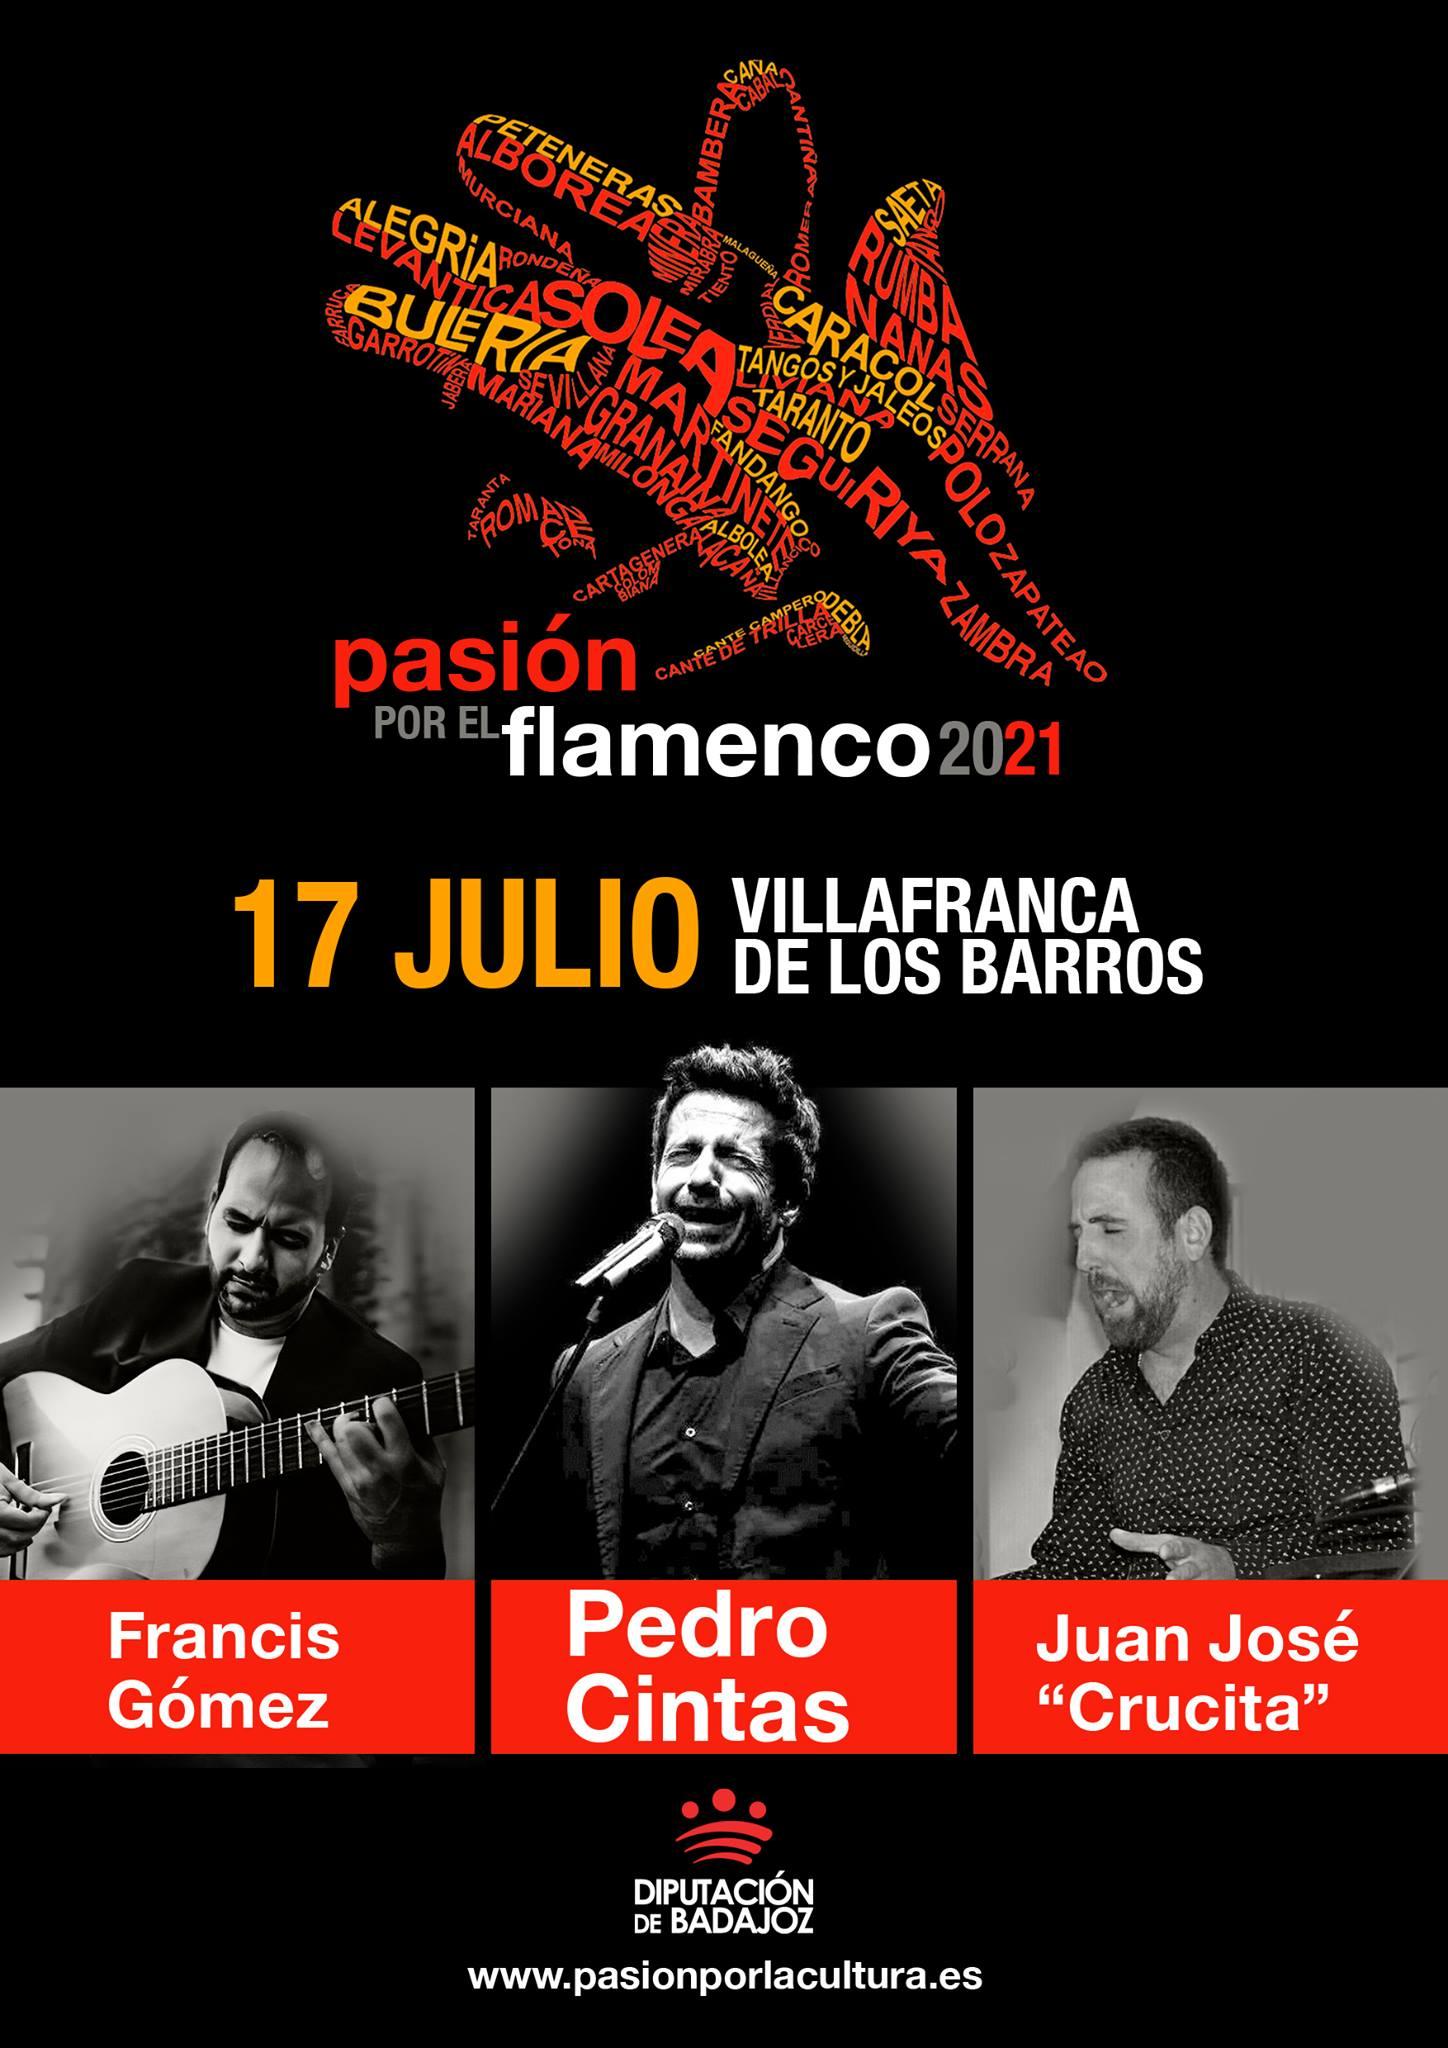 PASIÓN POR EL FLAMENCO   Pedro Cintas + Juan José Crucita + Francis Gómez